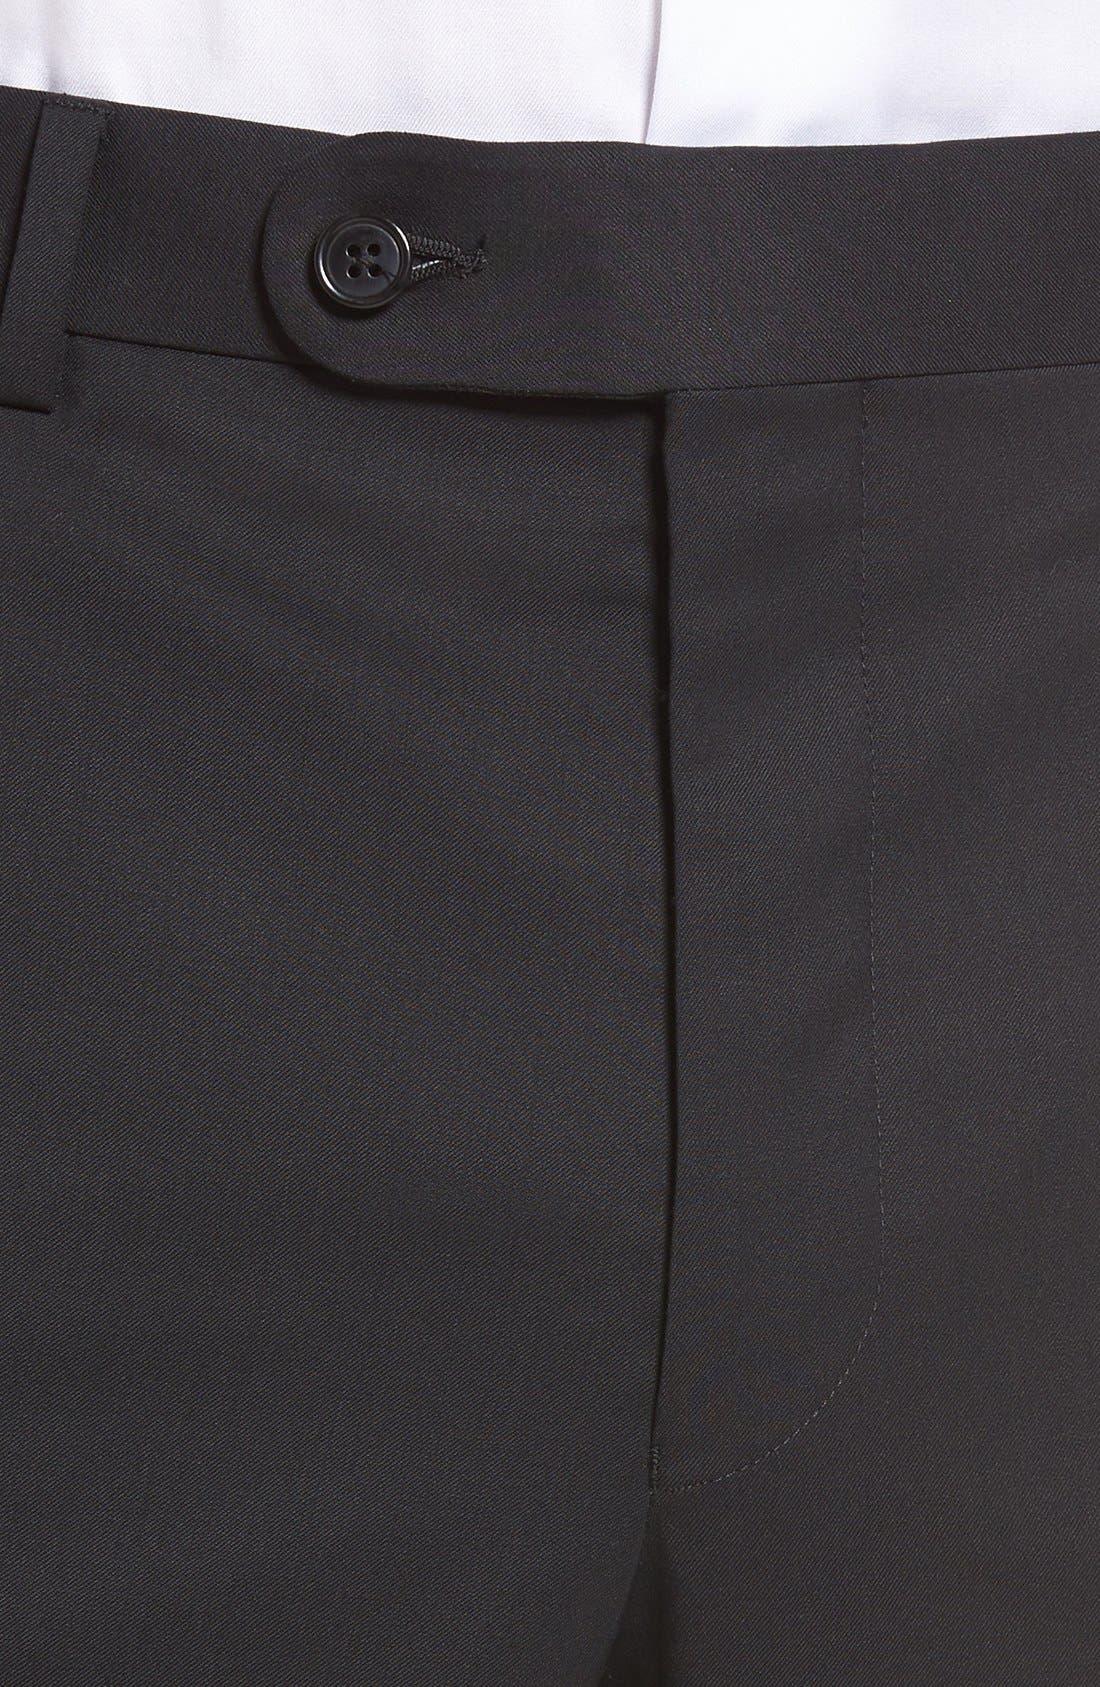 Ryan Regular Fit Wool Trousers,                             Alternate thumbnail 4, color,                             001